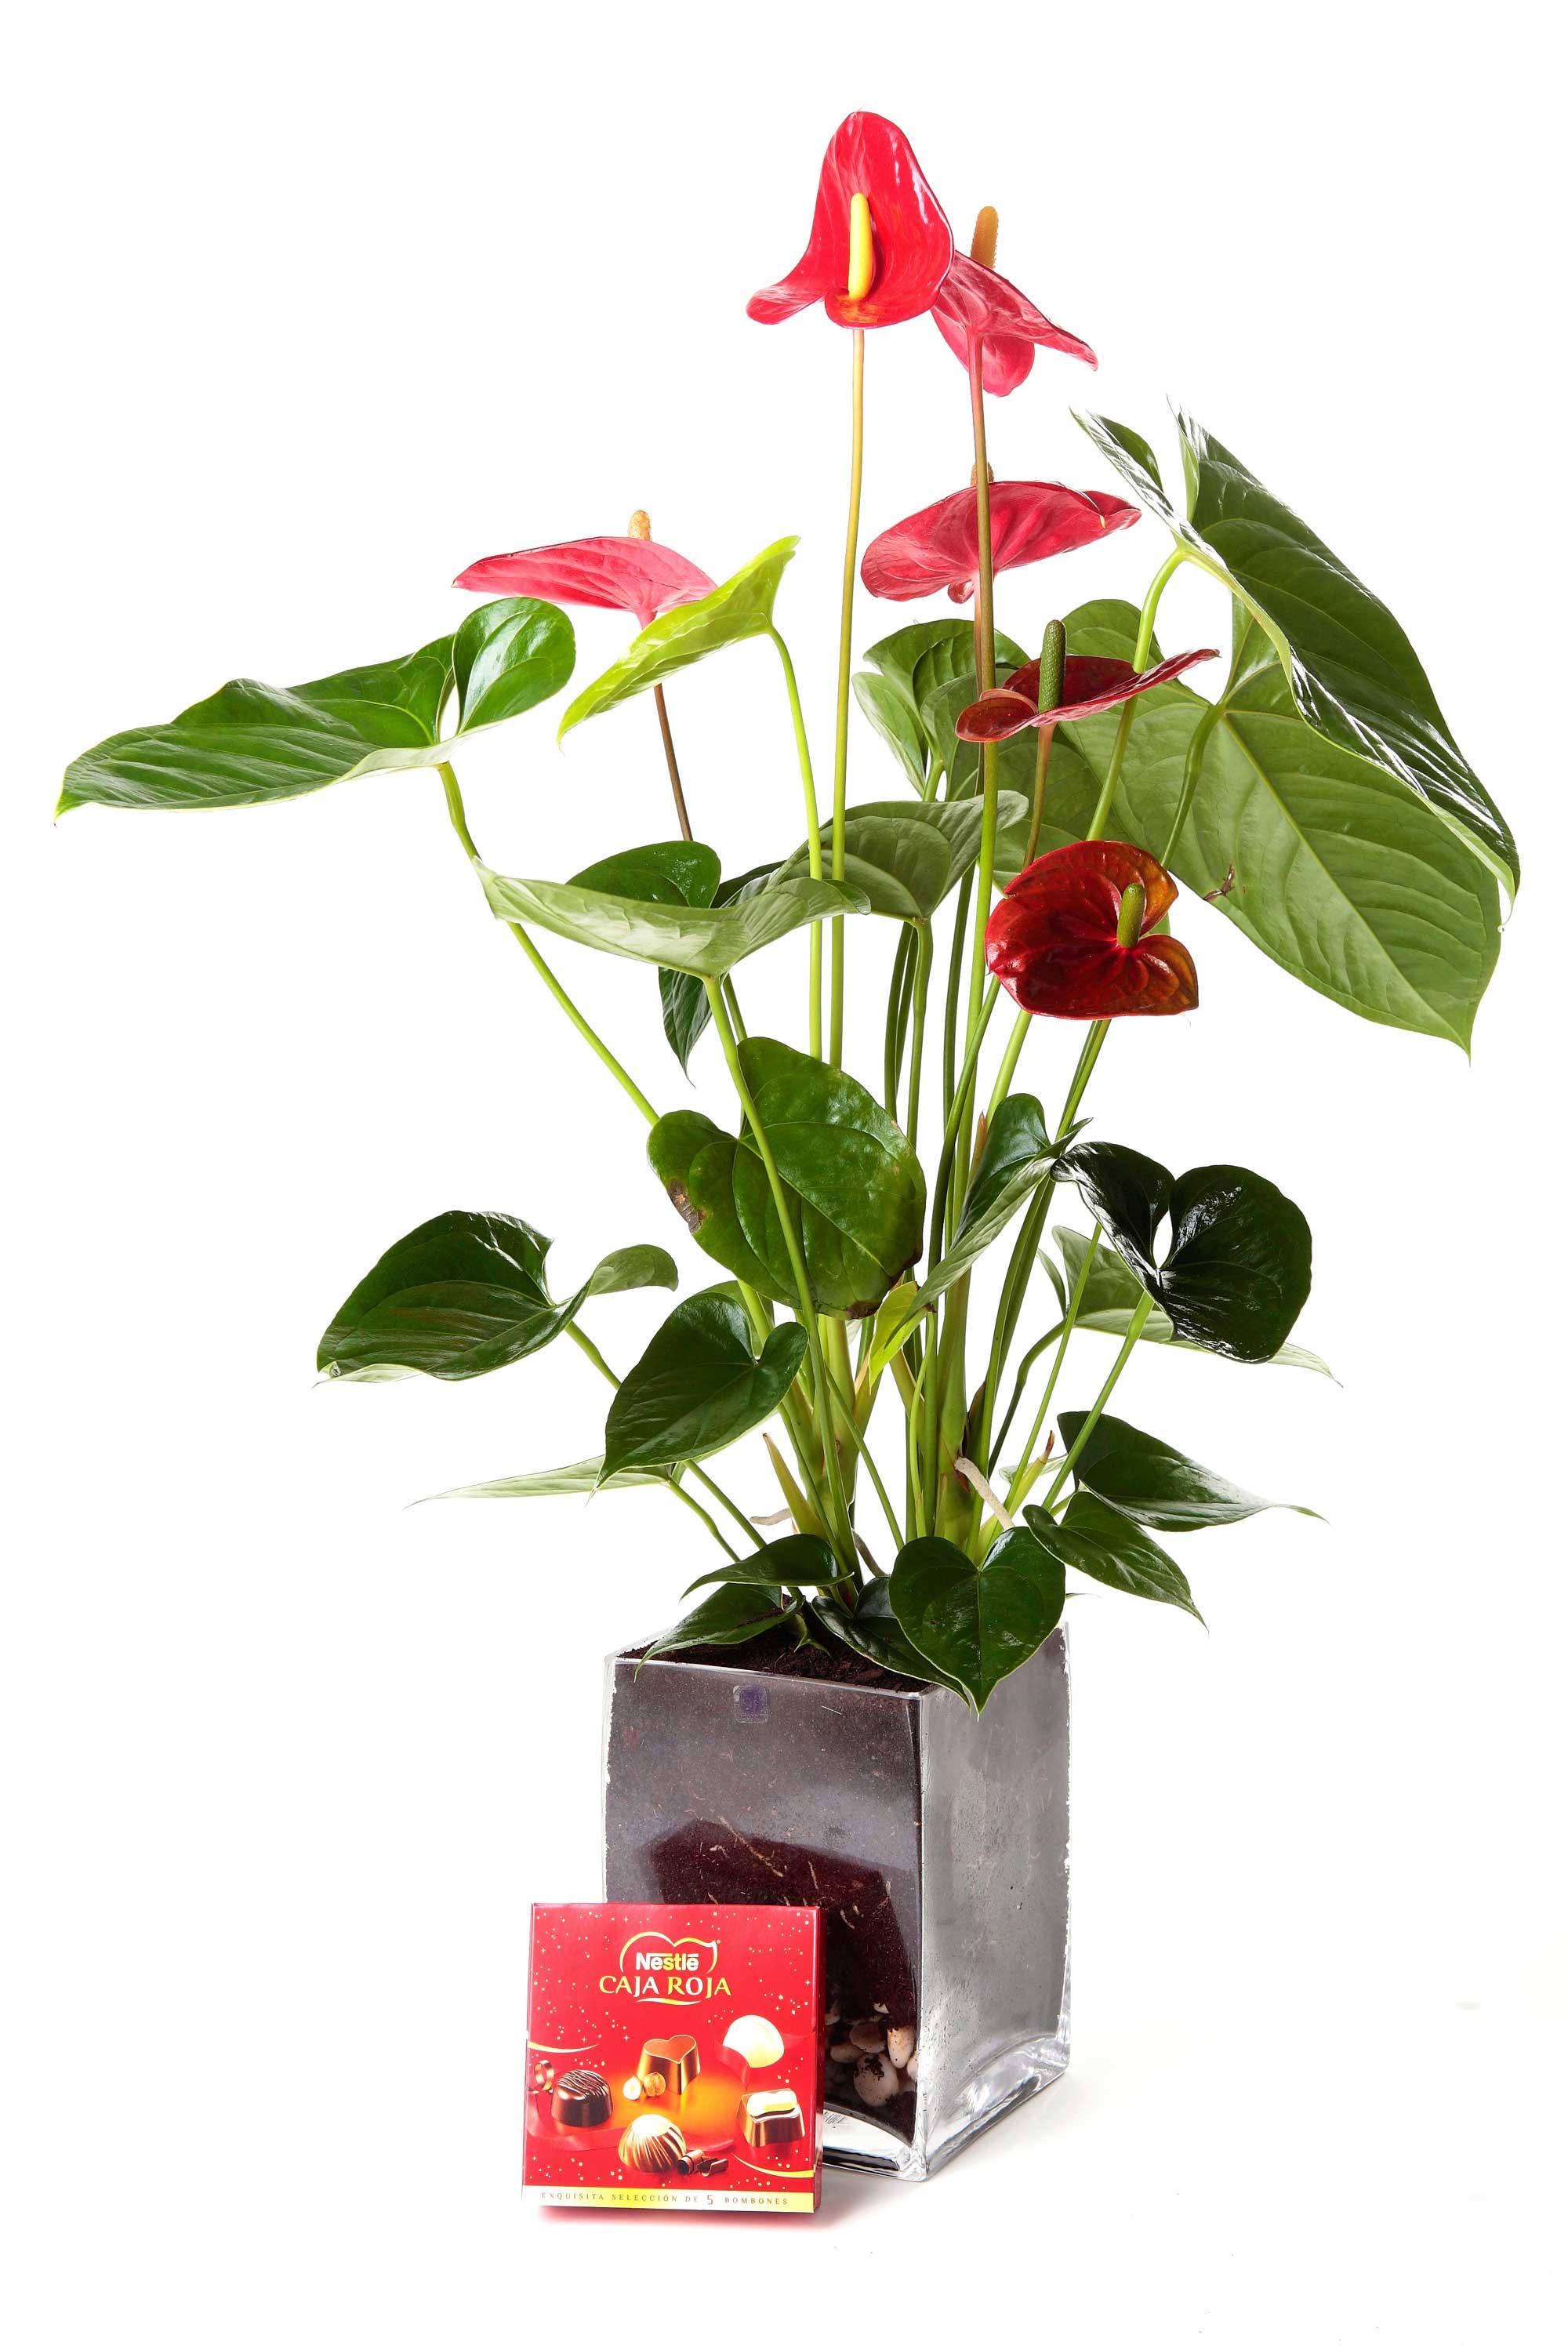 Planta anthurium en jarr n de cristal regalos plantas for Plantas decorativas de interior